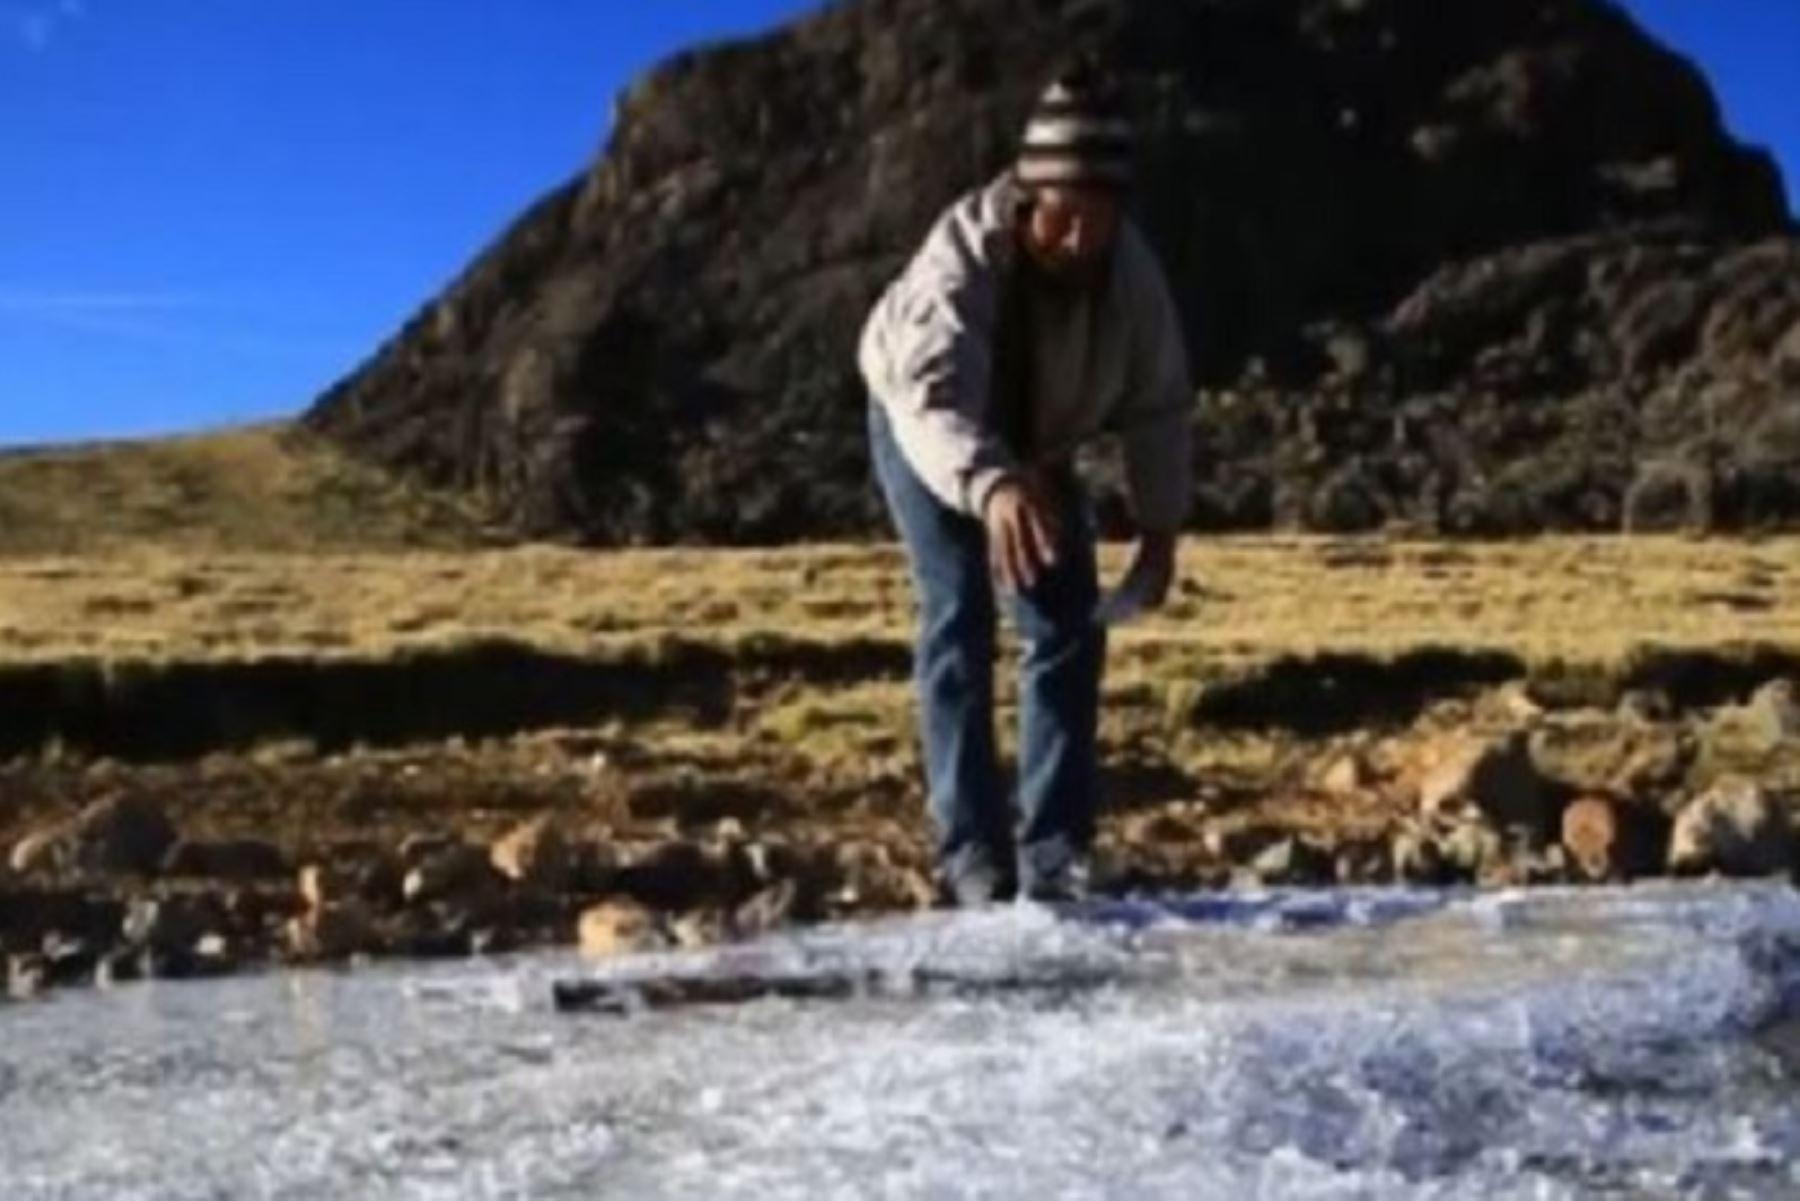 La temperatura más baja a nivel nacional se registró en el distrito de Tarata, en la provincia del mismo nombre, región Tacna, al reportar -10.6 grados Celsius en la estación Chuapalca del Servicio Nacional de Meteorología e Hidrología (Senamhi).